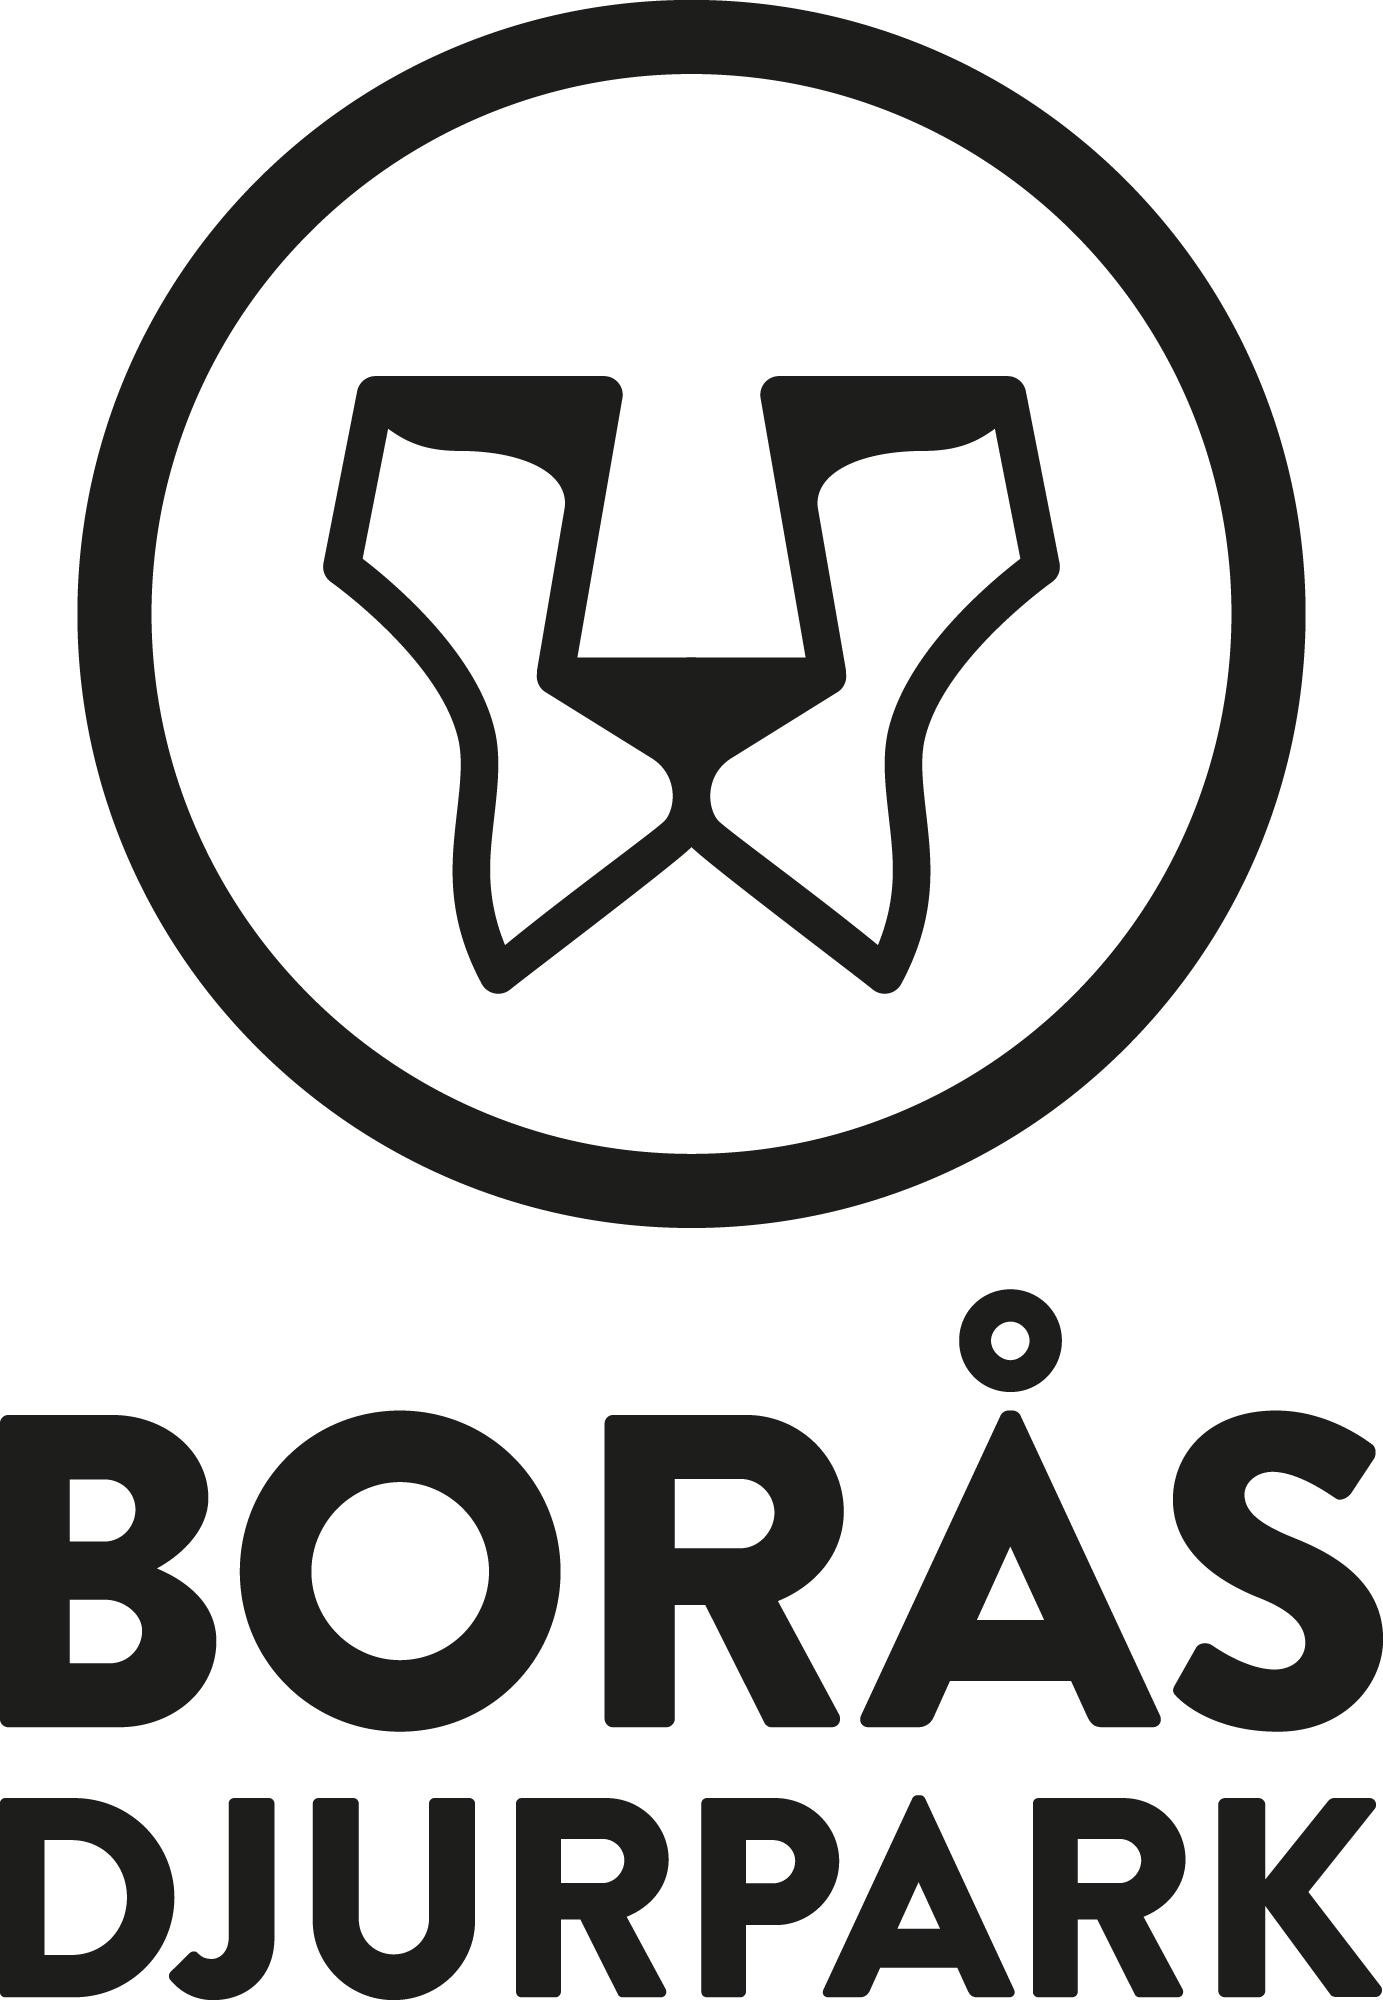 Boras Djurpark